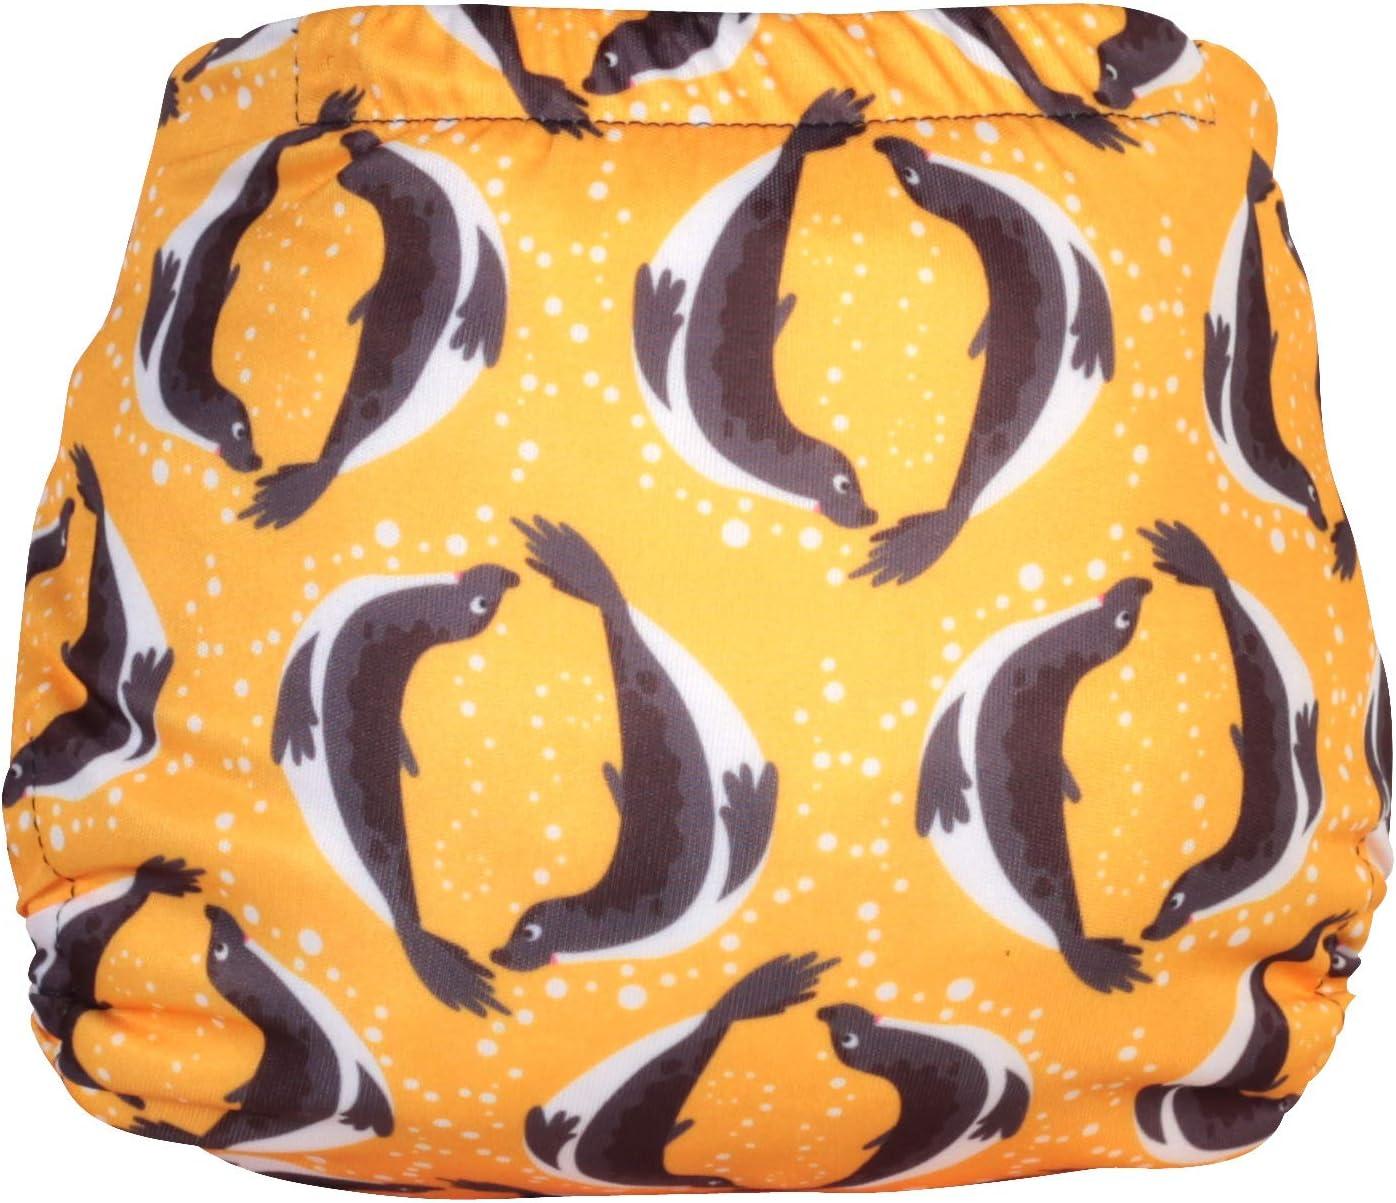 buceo talla 2 Pa/ñal reutilizable para nataci/ón color amarillo con sellos TotsBots